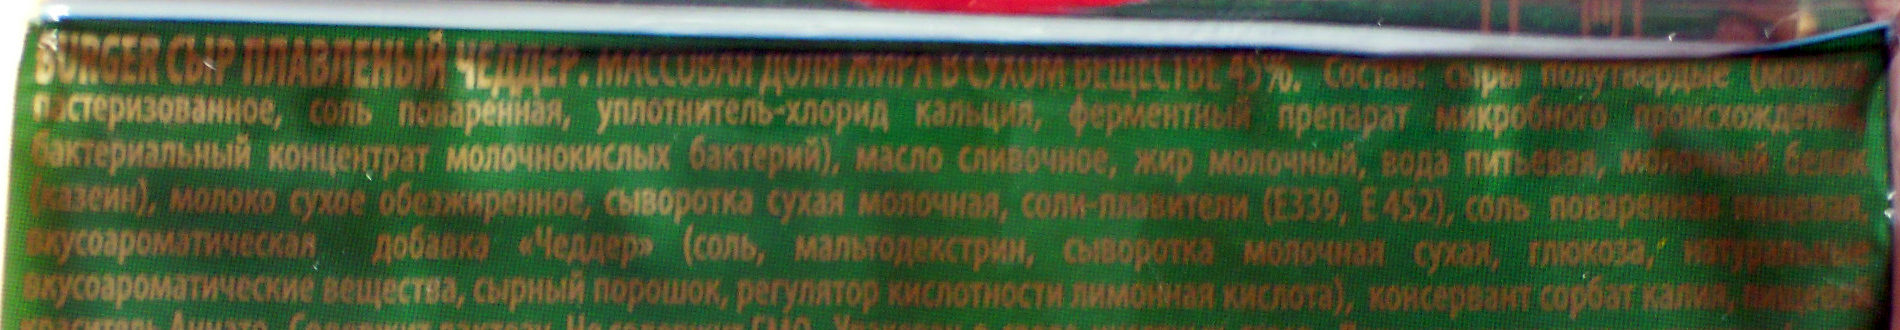 Плавленый сыр чеддер - Ingredients